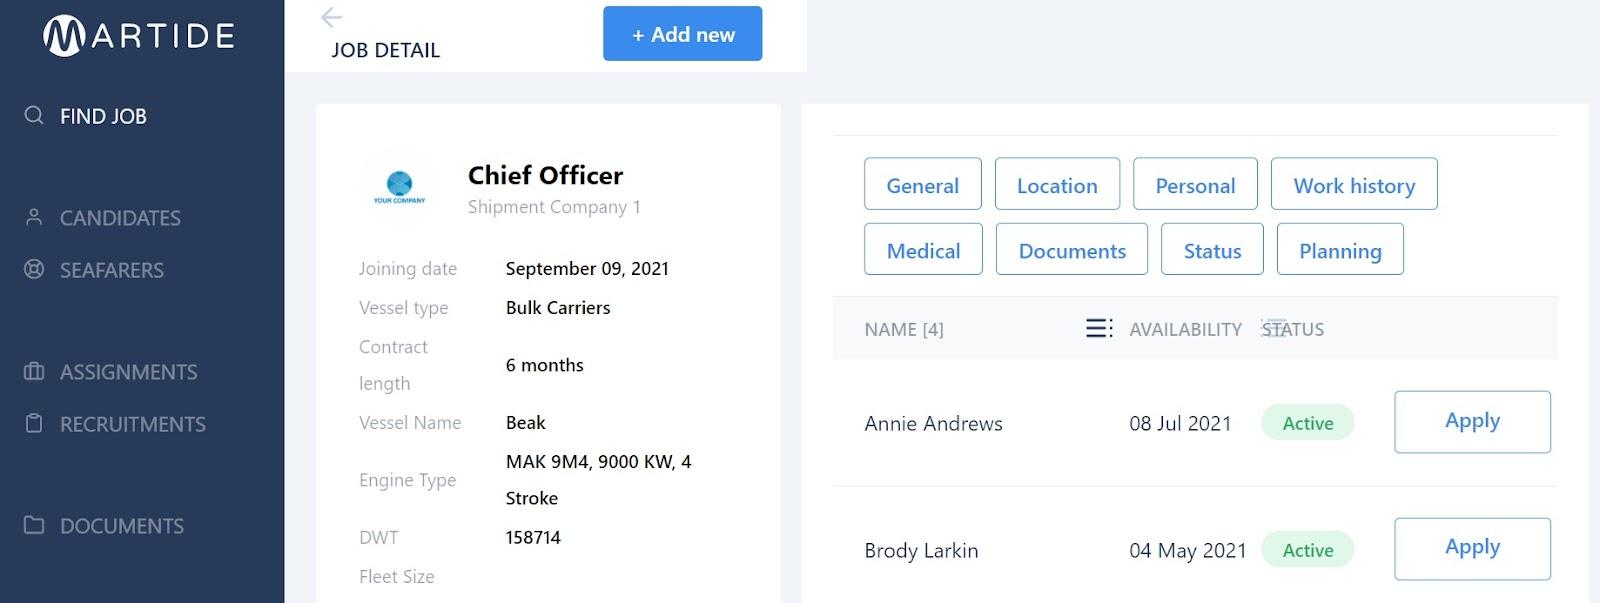 screenshot showing the job details screen